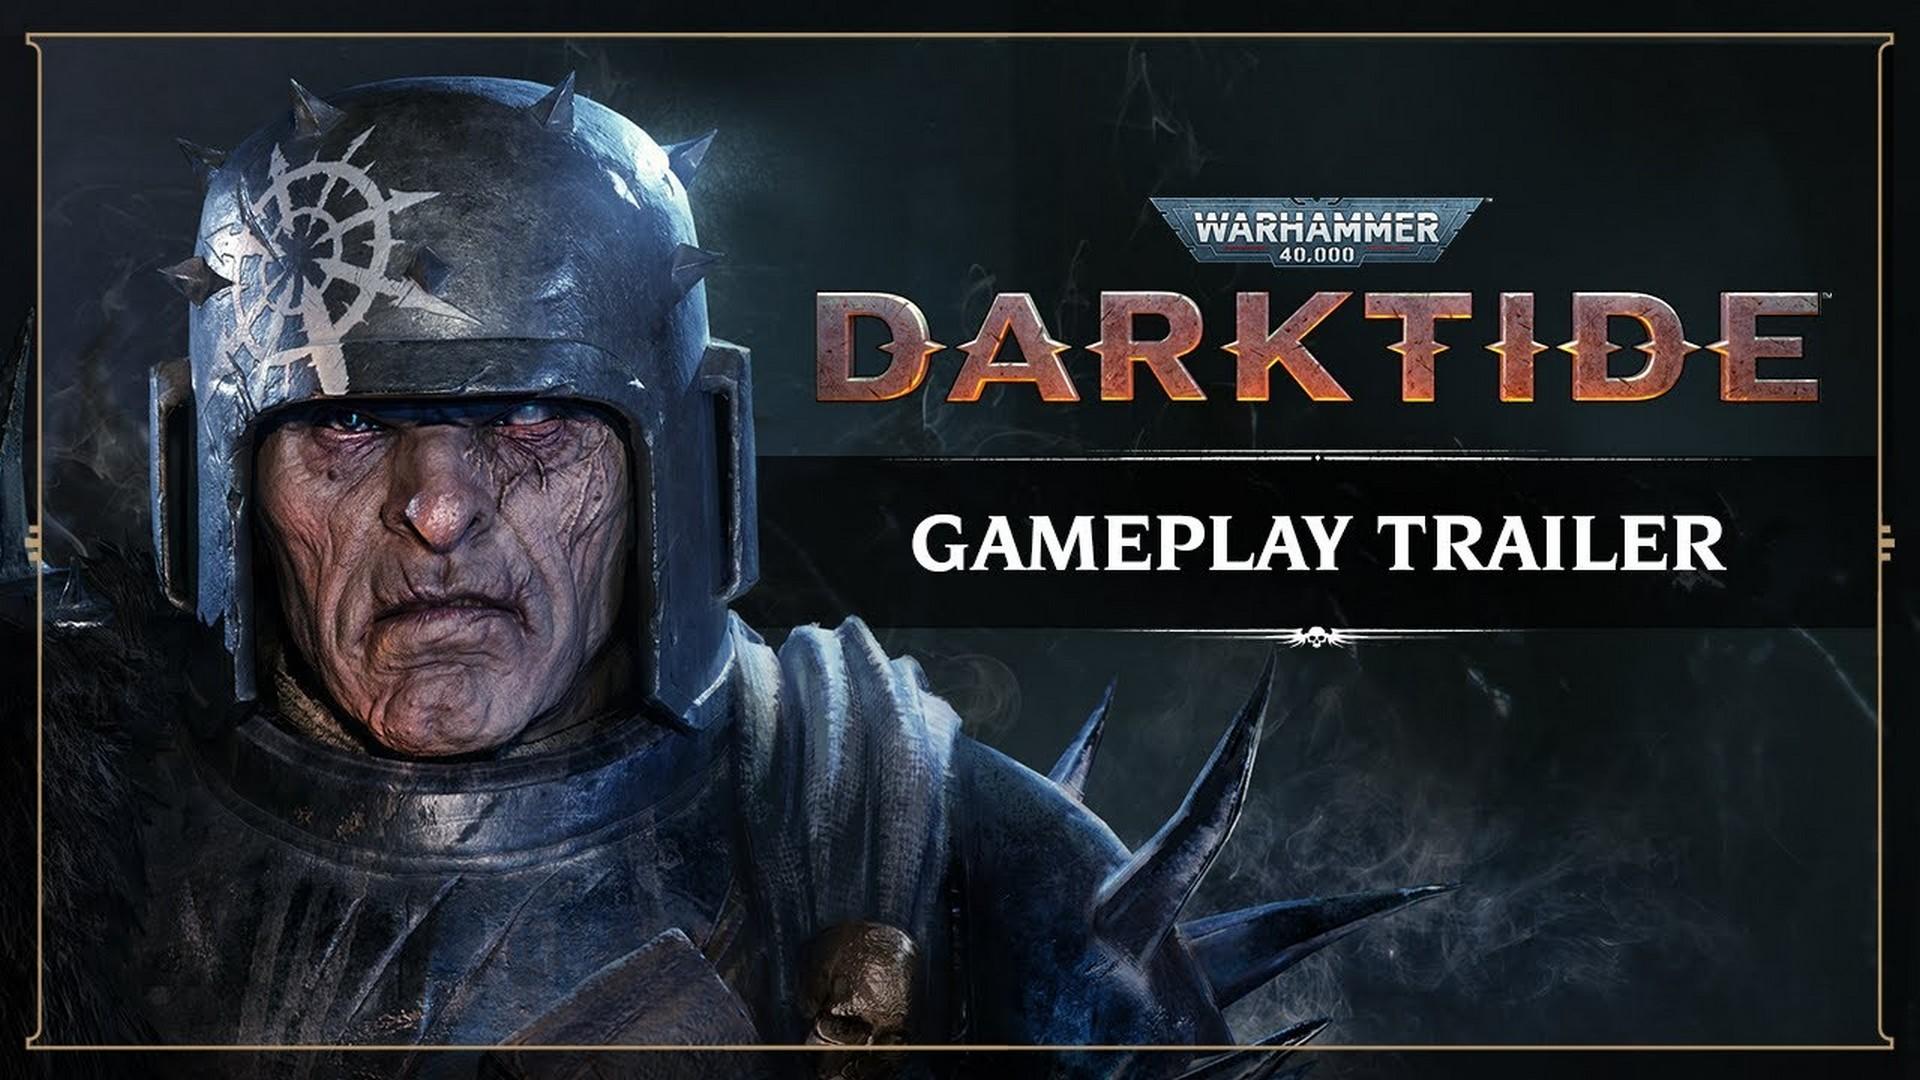 Warhammer 40k: Darktide